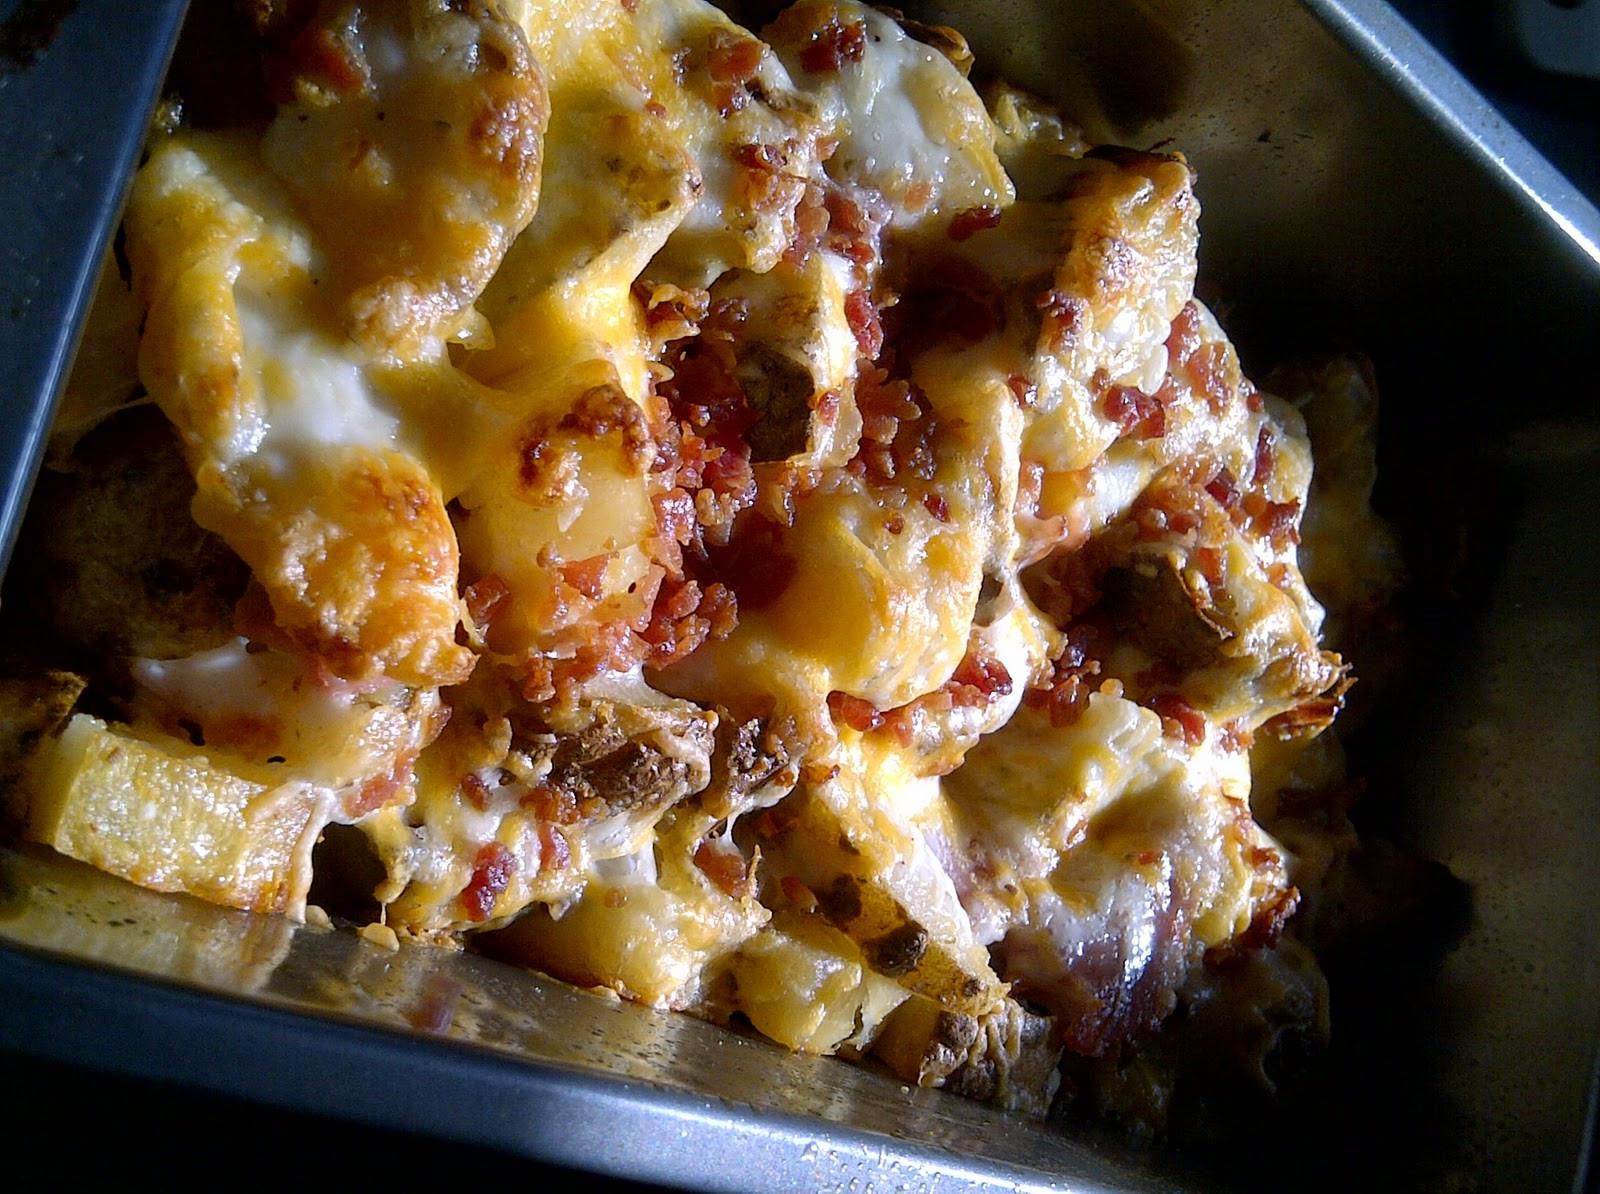 Leftover Baked Potato  USASillyYaks Leftover Baked Potatoes Turned into Amazingness